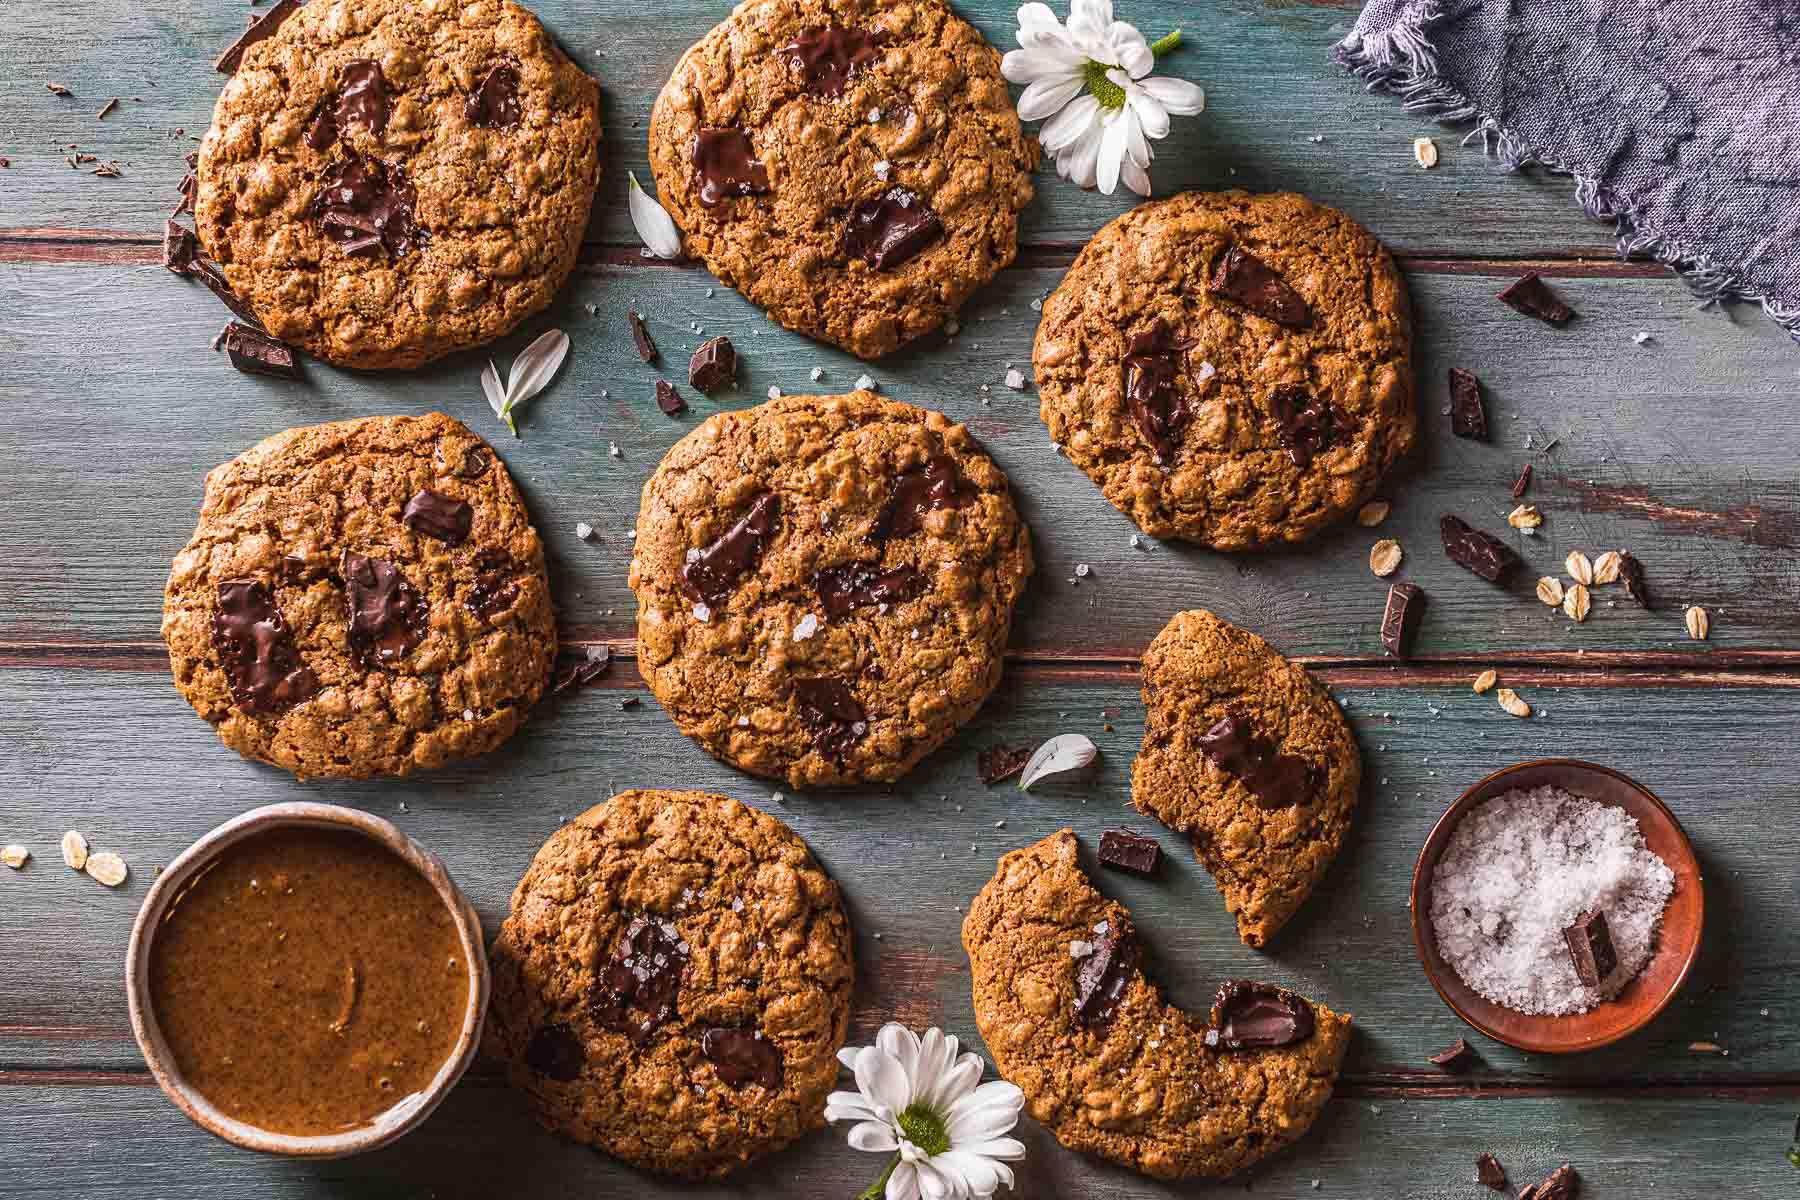 almond butter Healthy oil-free Gluten-free Vegan Oatmeal Chocolate Chip Cookies Cookies vegani senza glutine al cioccolato senza olio al burro di mandorle copia